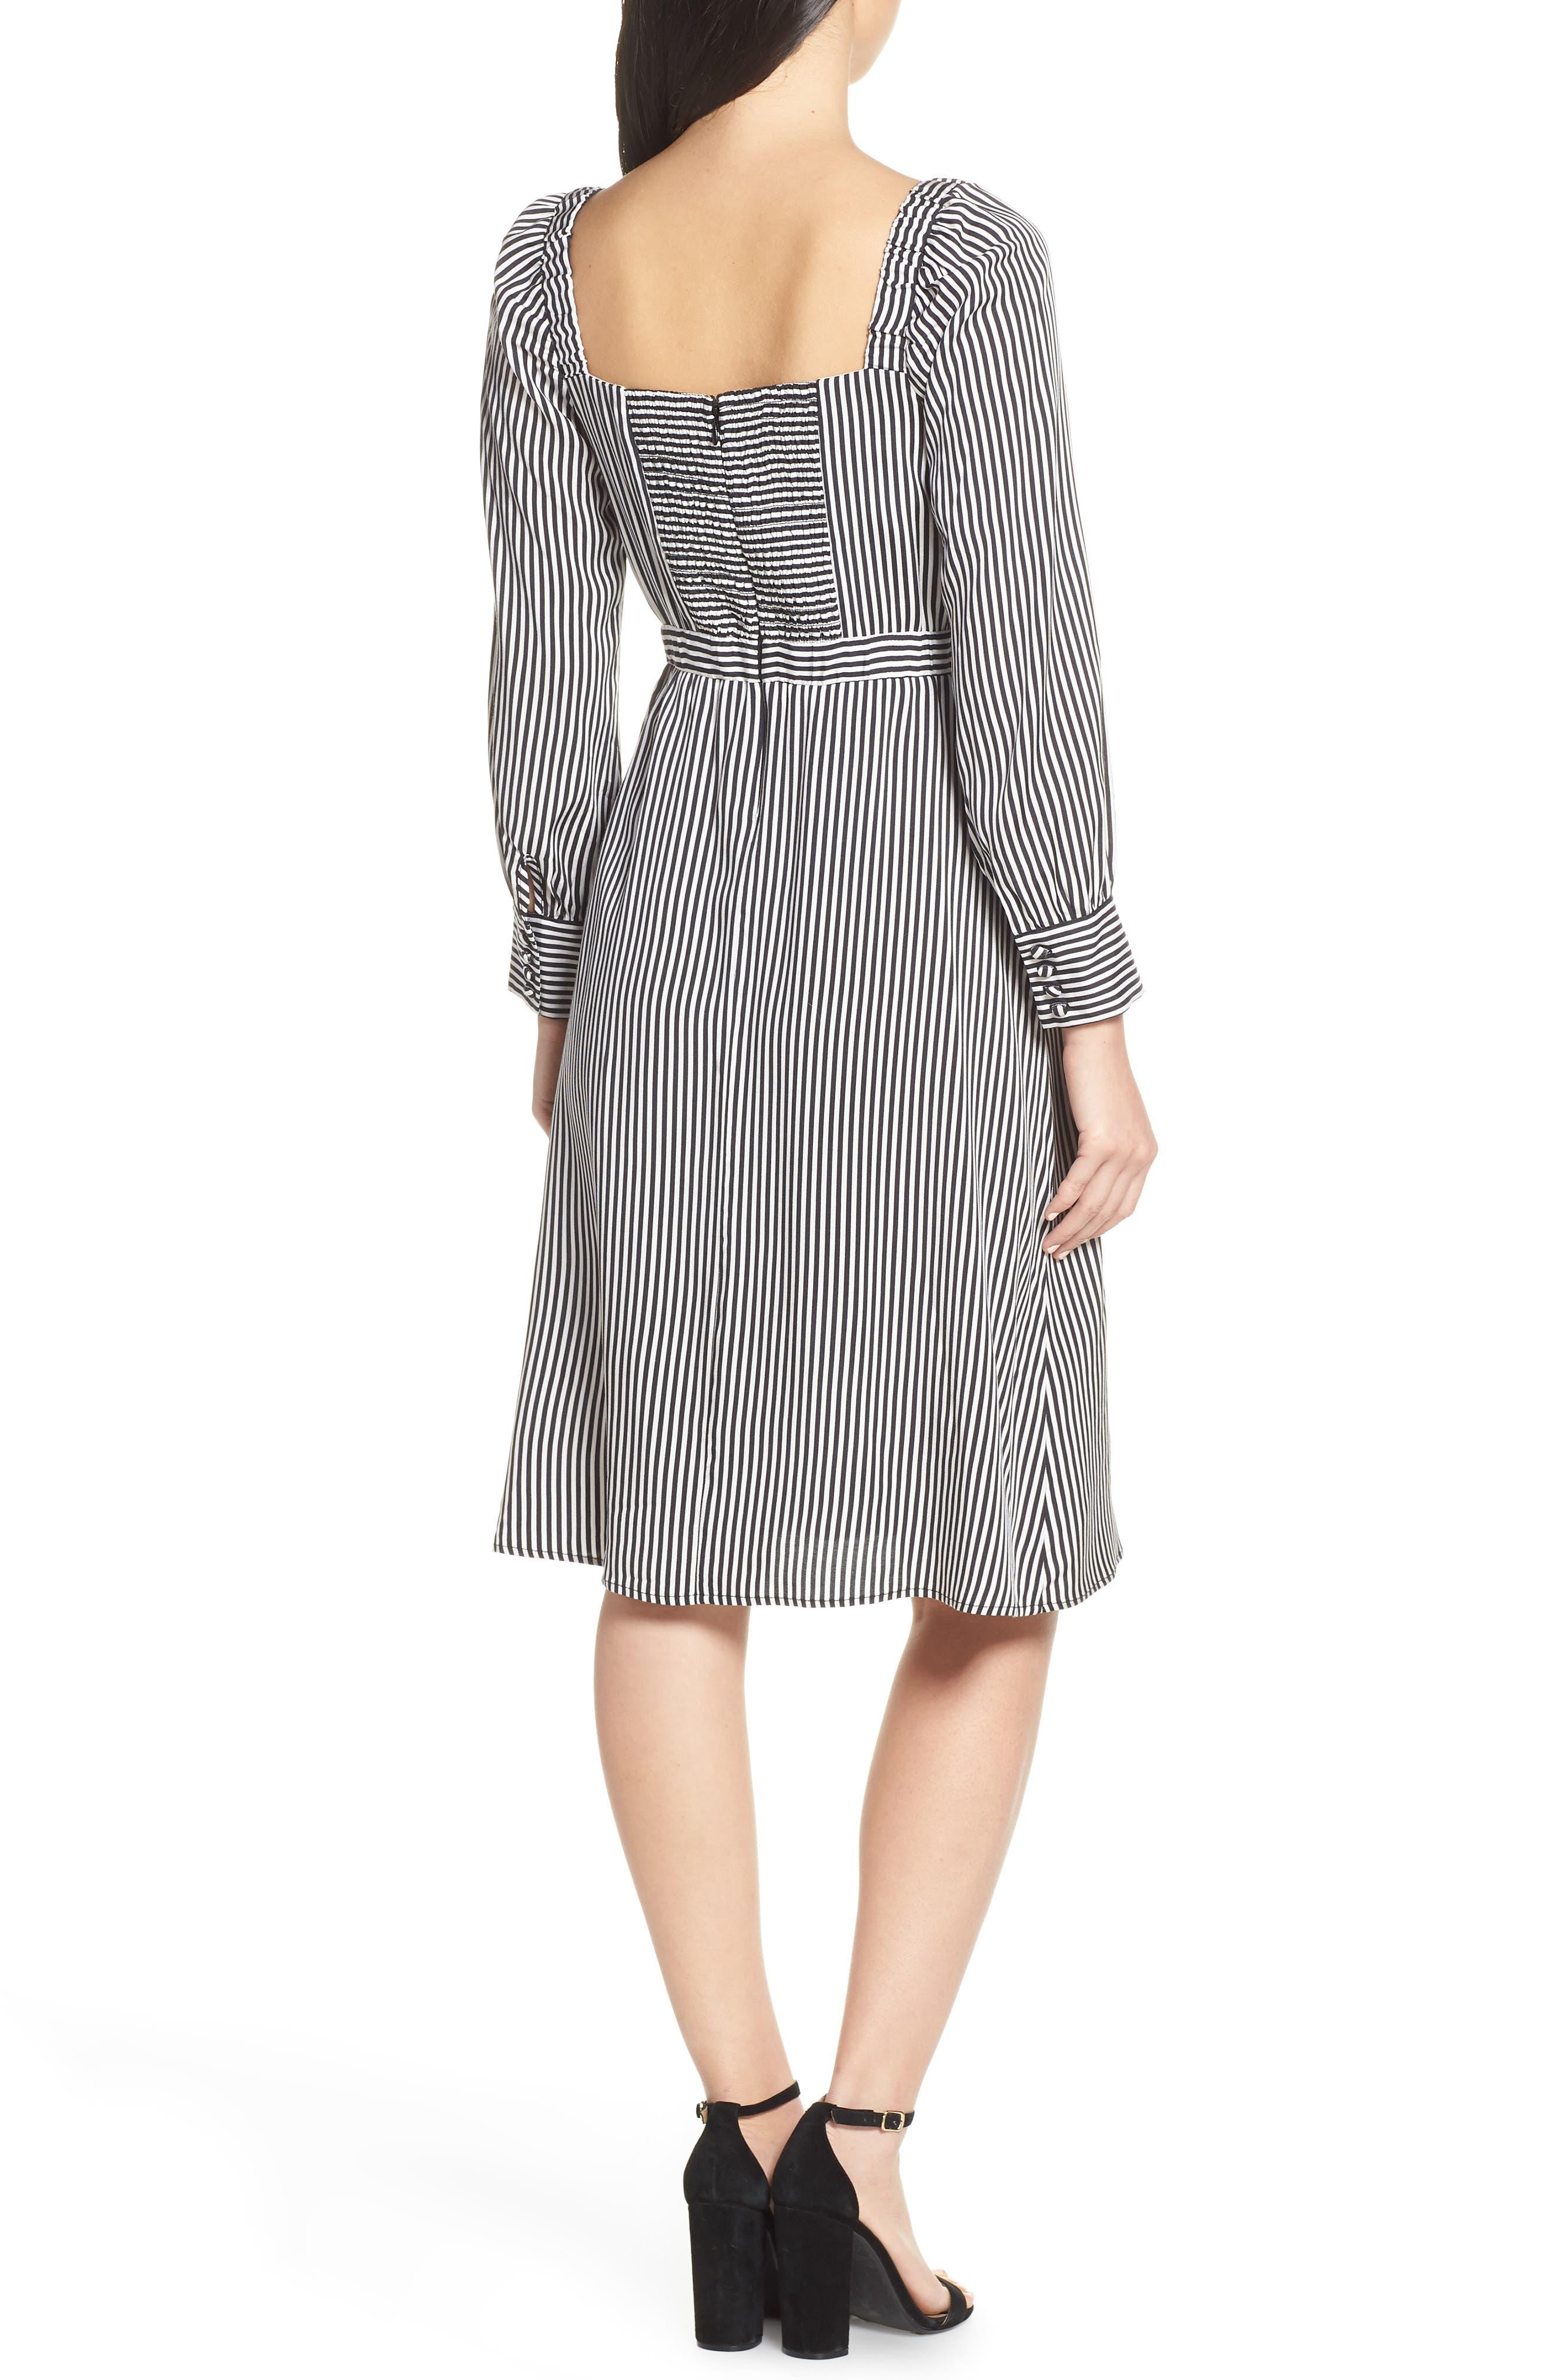 ALI & JAY, Take Me Downtown Stripe Dress, Alternate thumbnail 2, color, 001